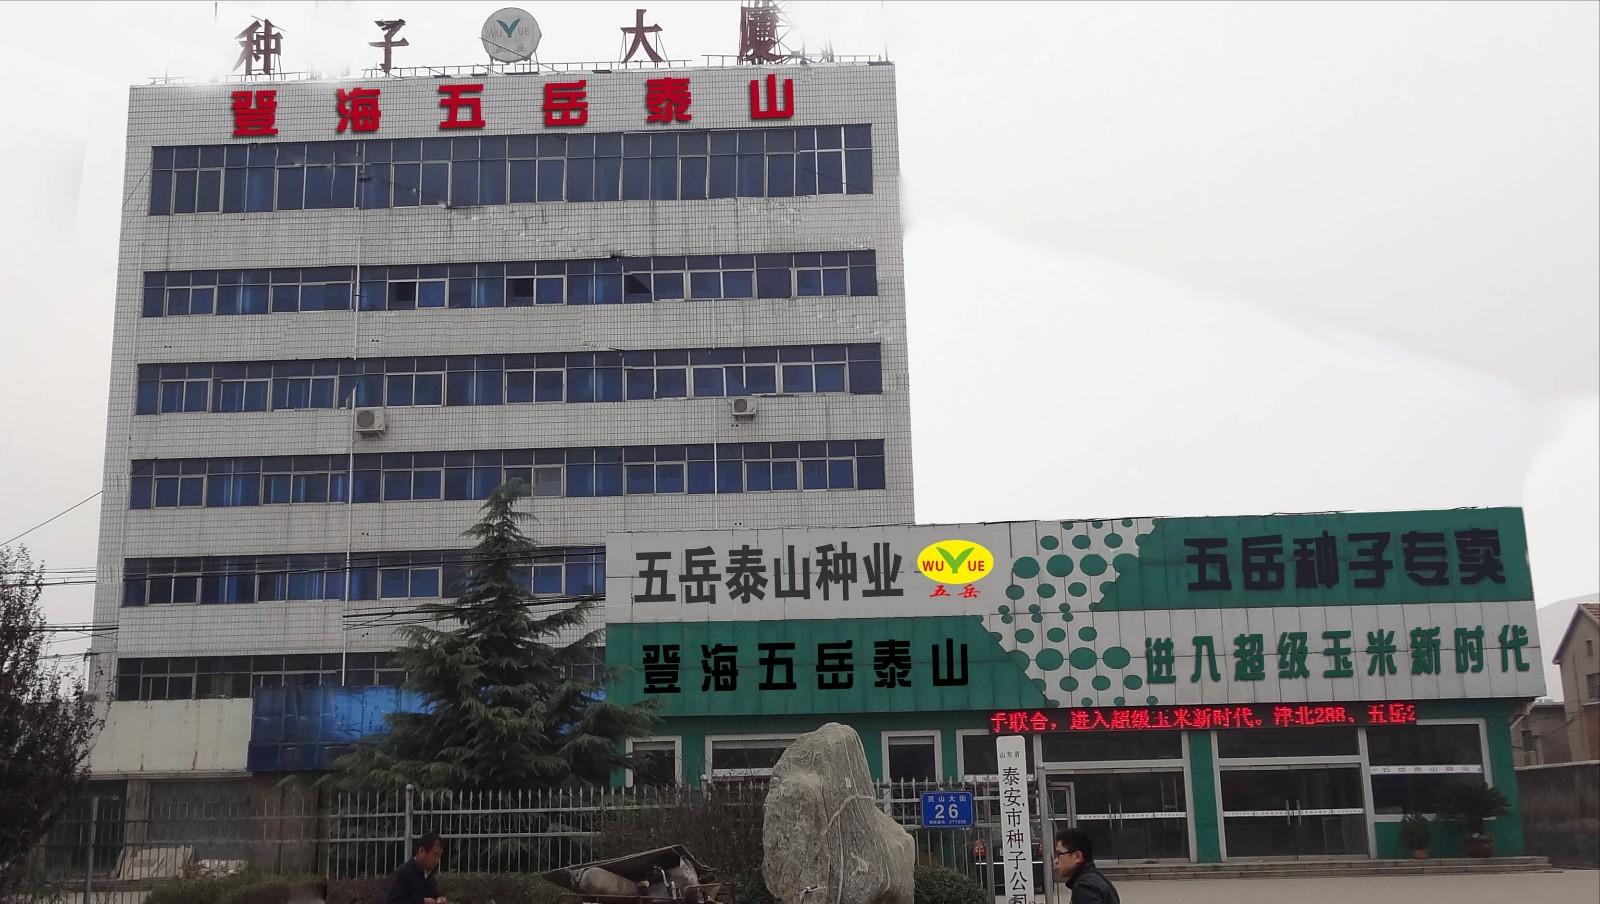 公司大楼照片.jpg